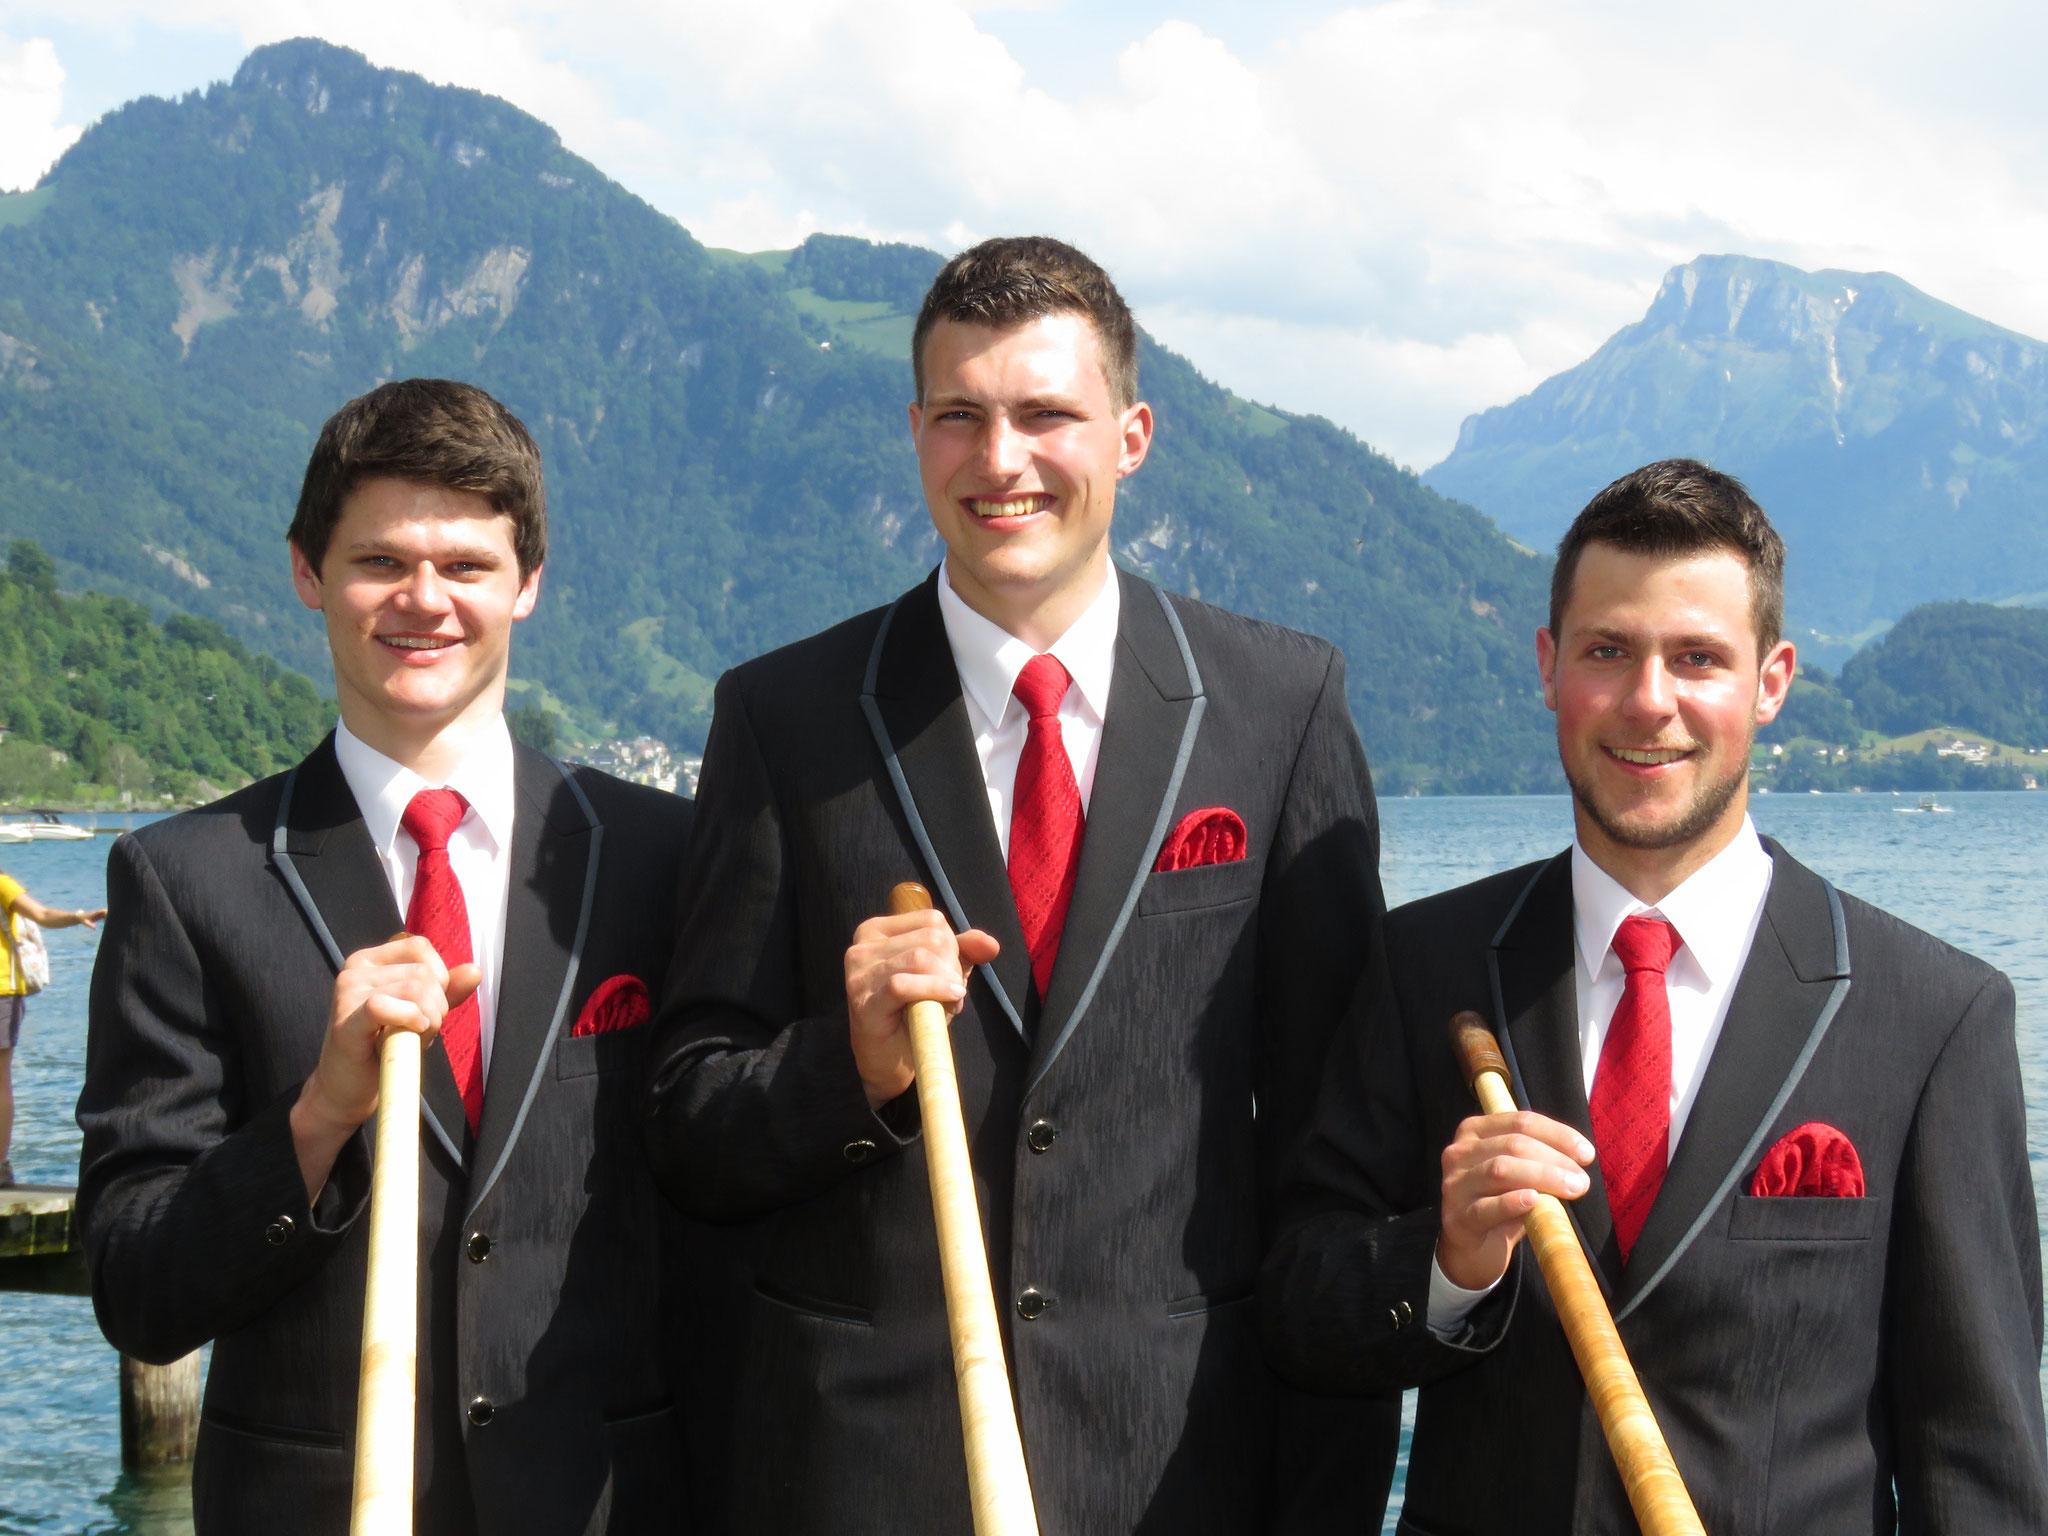 Und hier unsere drei Alphornsolisten: Martin Stöckli, Lukas Hofmann und Simon Dubacher.